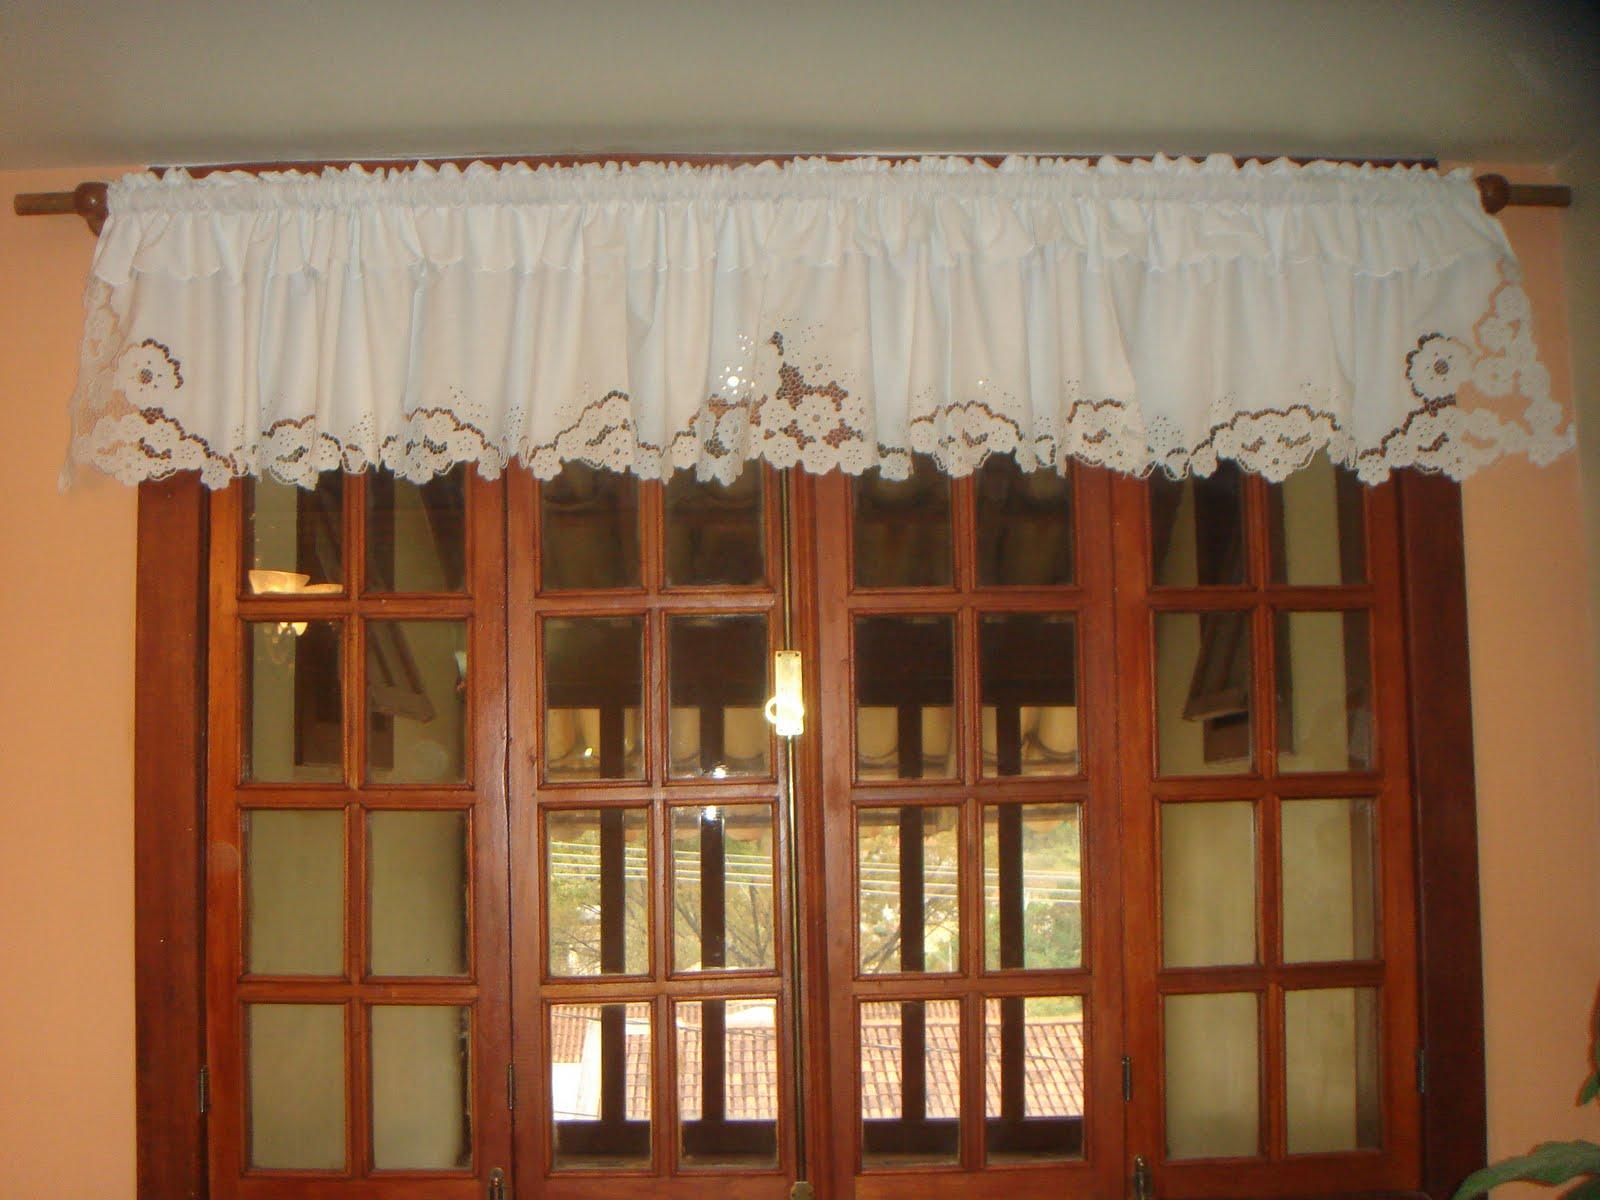 Le richelieu cortinas e band s - Bandos para cortinas ...